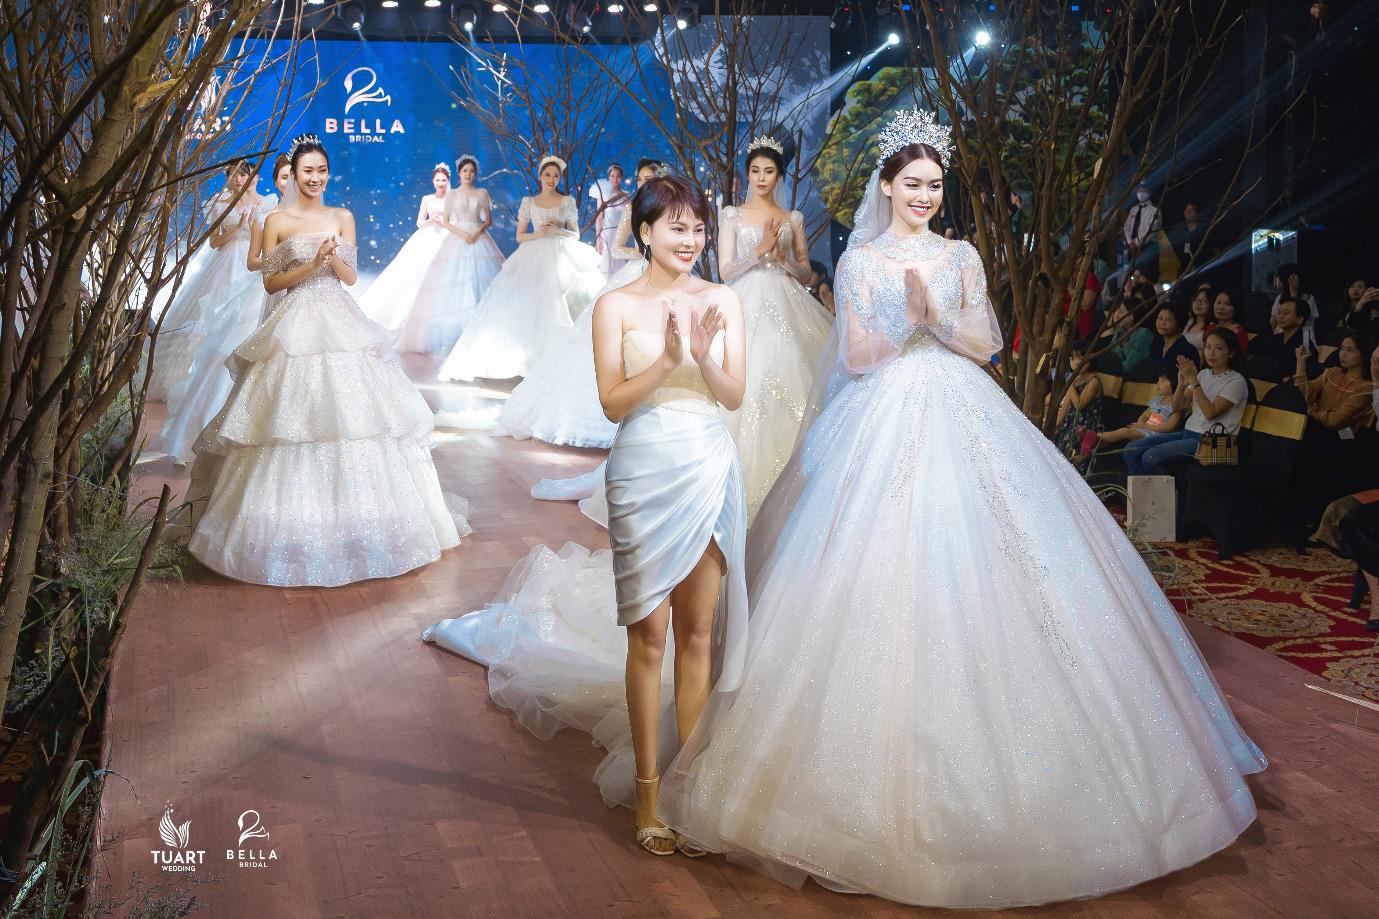 Á hậu Tường San, người mẫu một tay Hà Phương thu hút mọi ánh nhìn trong show diễn váy cưới đỉnh cao Bella Fashion Show - Ảnh 7.